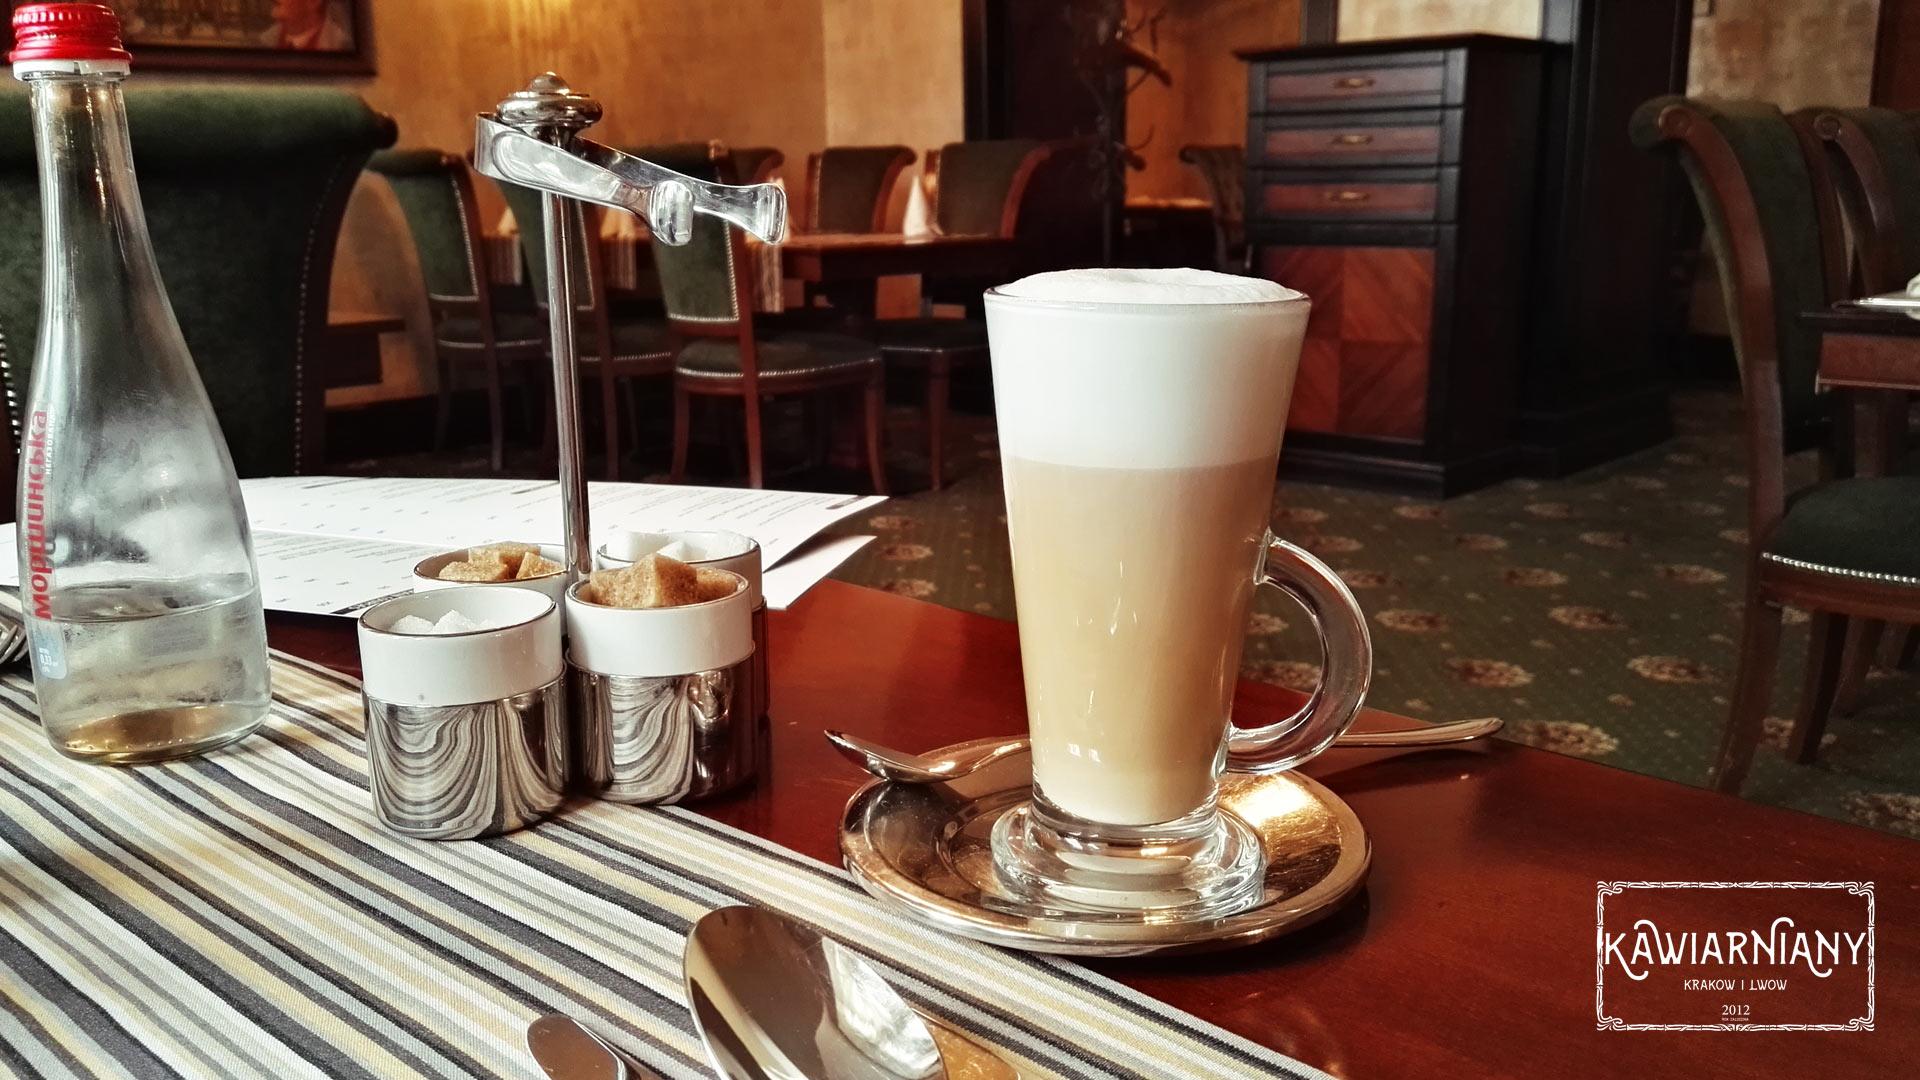 Restauracje we Lwowie - Kawiarnia Szkocka